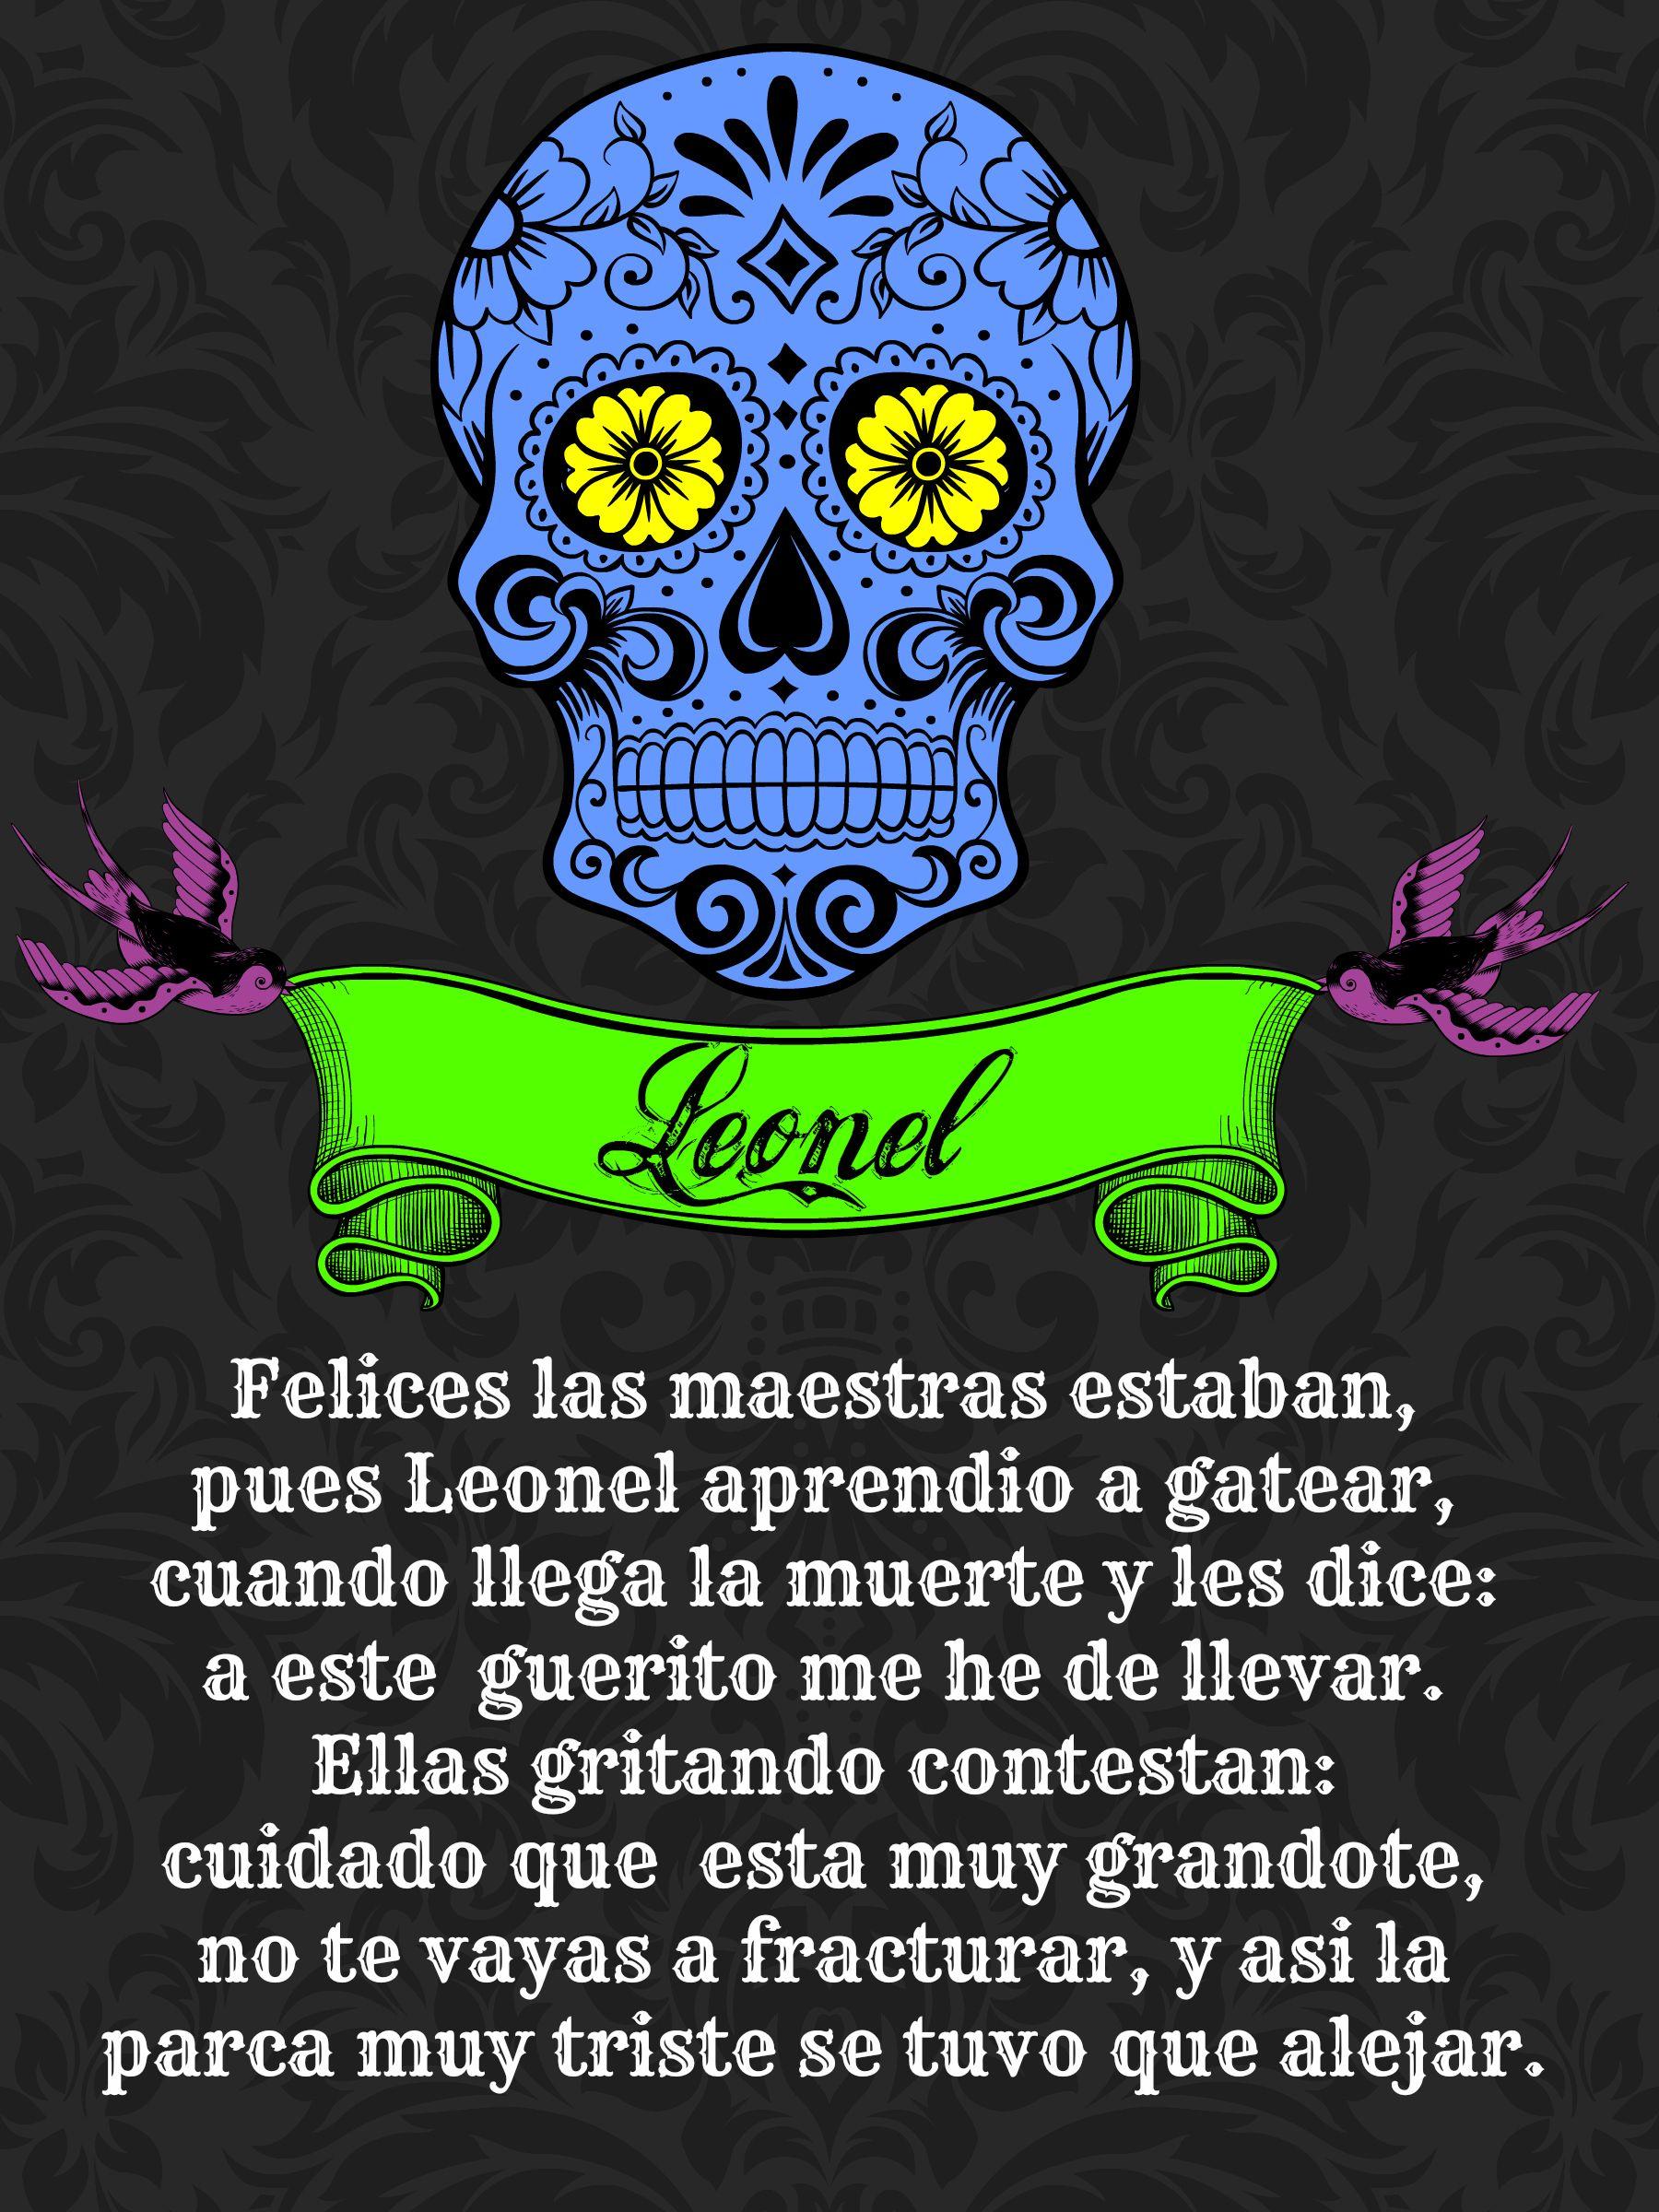 Calaverita Literaria De Leonel Day Of Death Dia De Muertos Tradicion Mexican Calaveras Literarias Mexicanas Calaveras Literarias Calaveras Literarias Chistosas